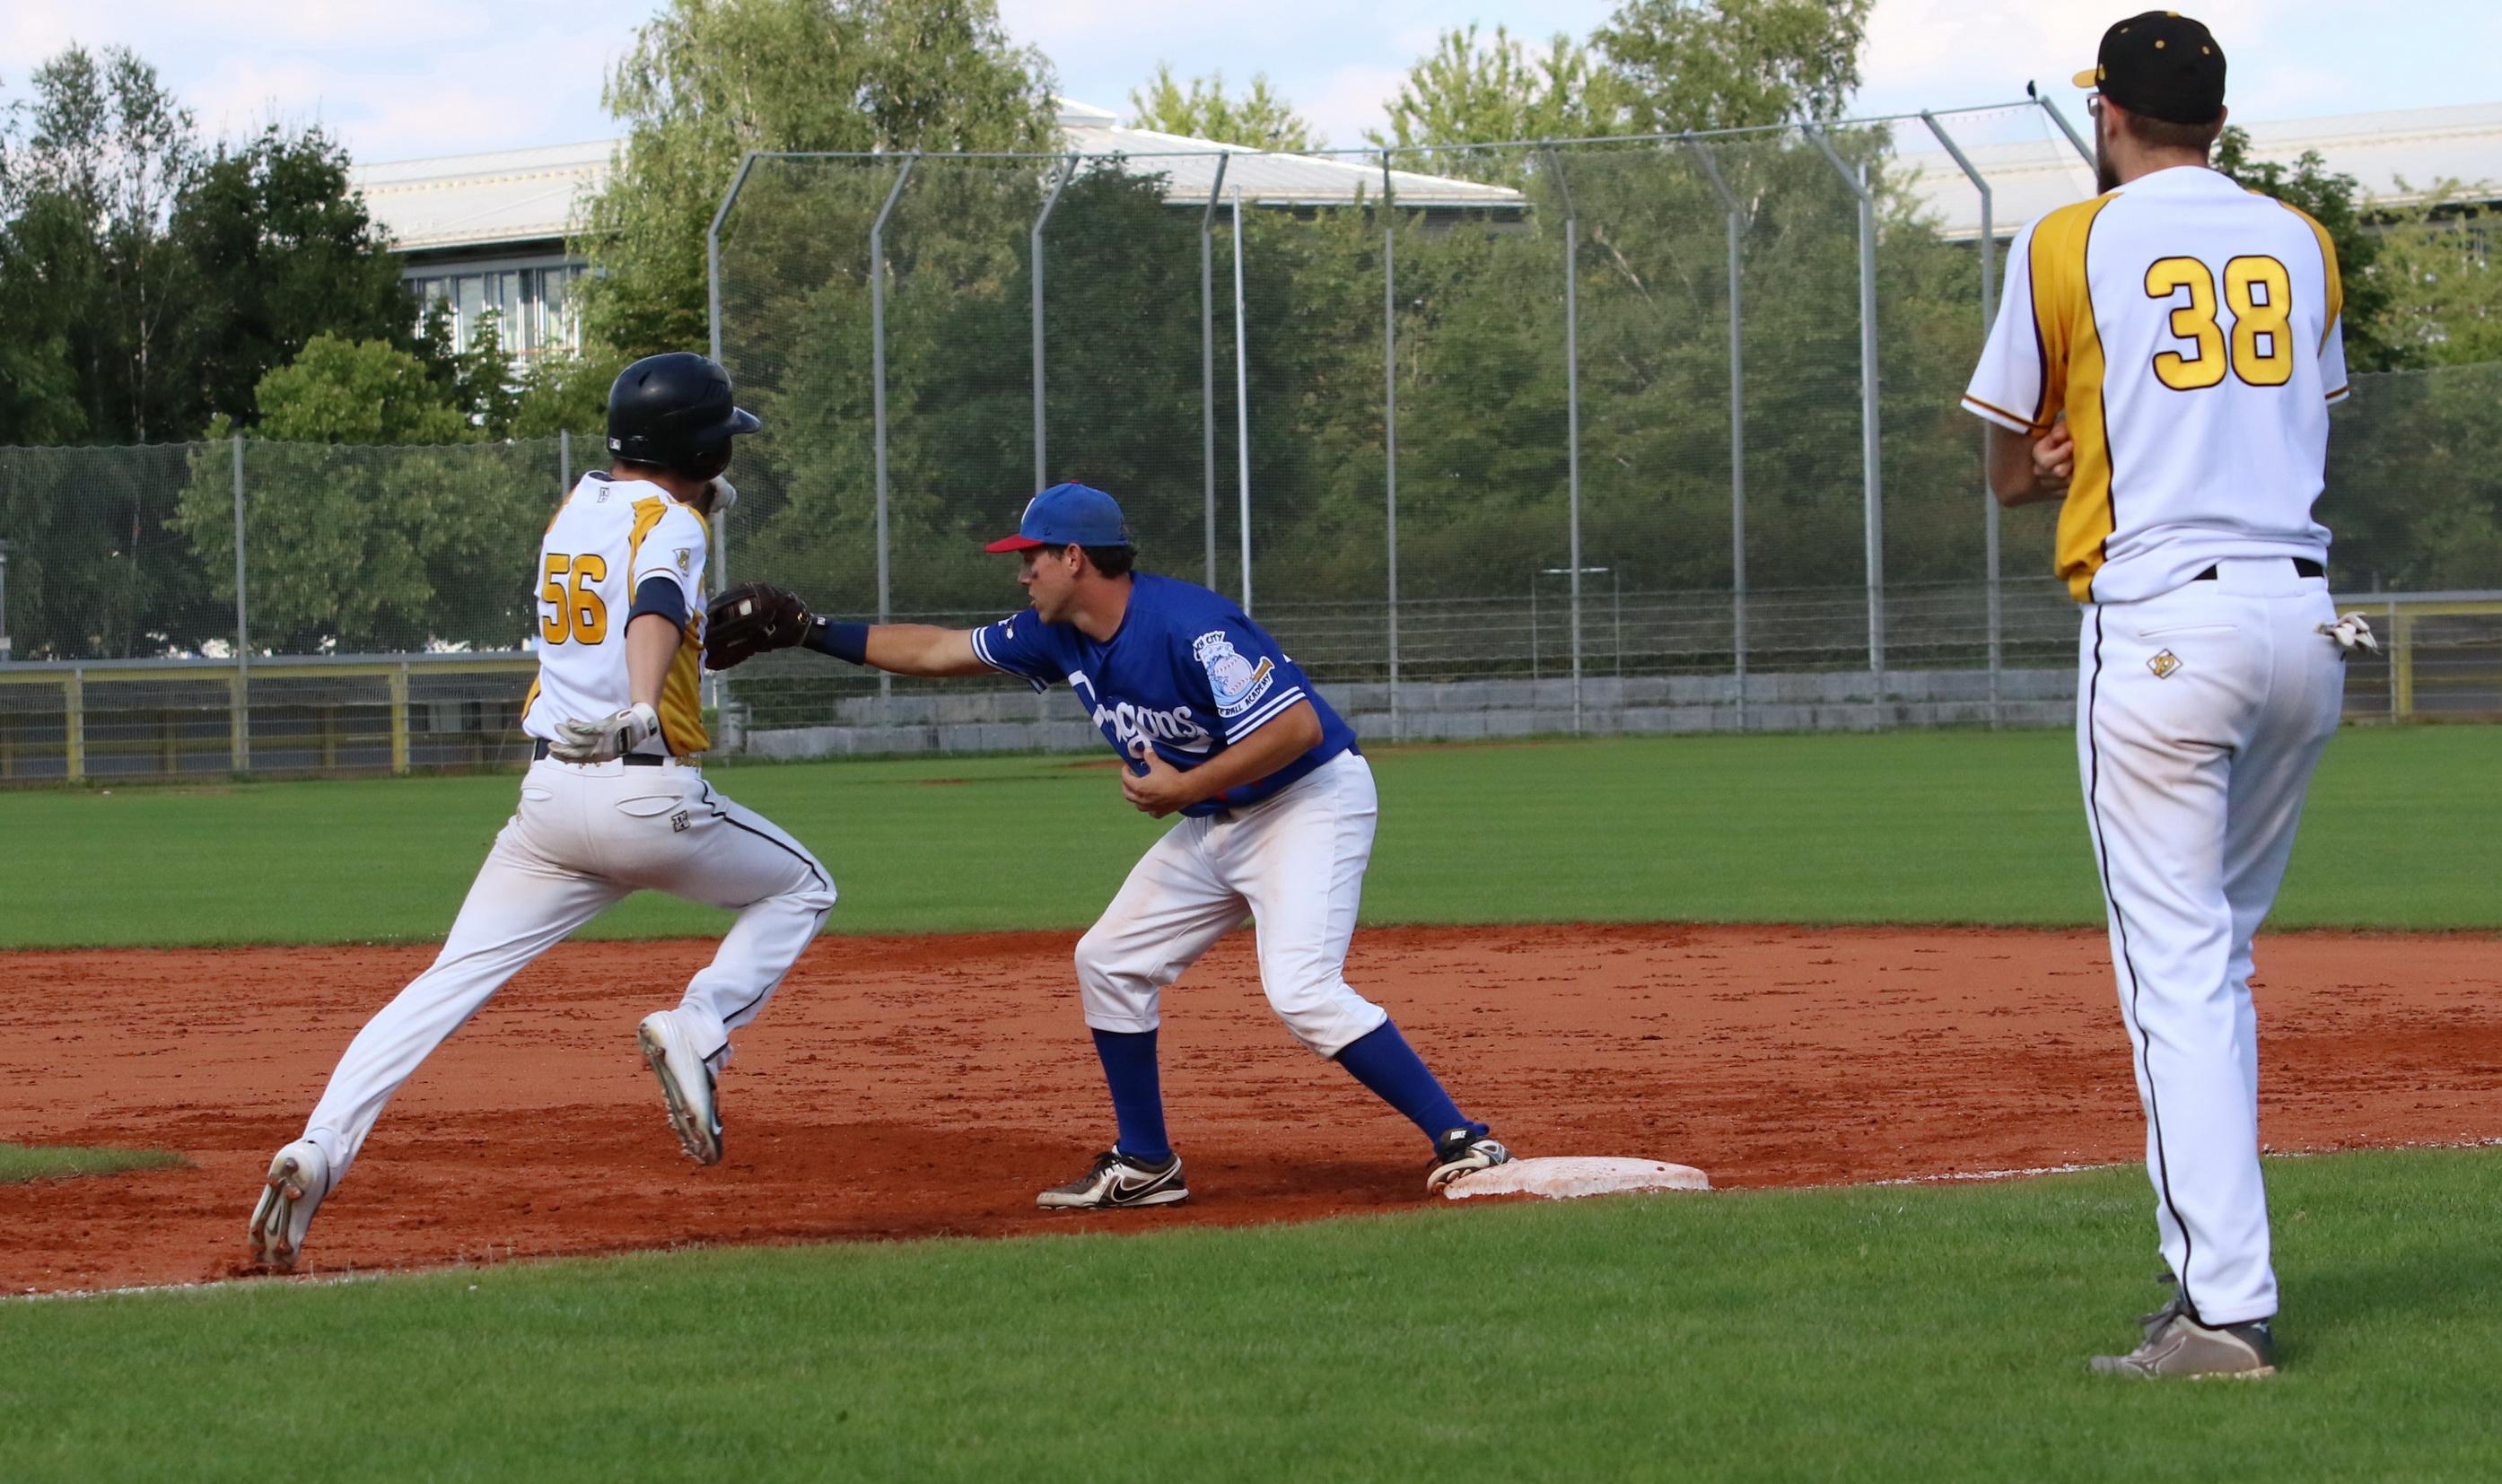 Dragons zum Saisonfinale in Füssen zu Gast